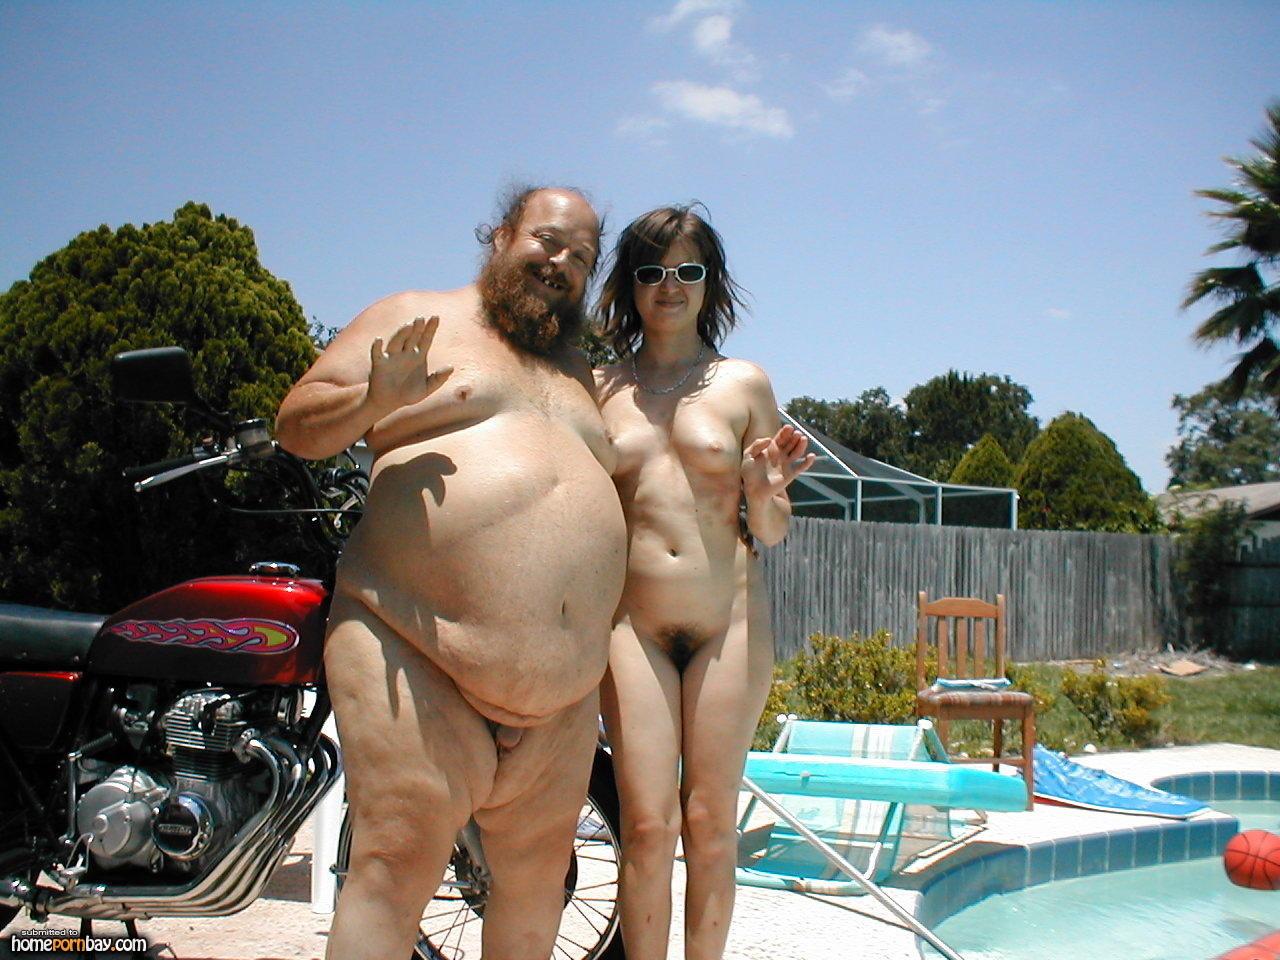 голые и смешные порно приколы эротика, бесплатные